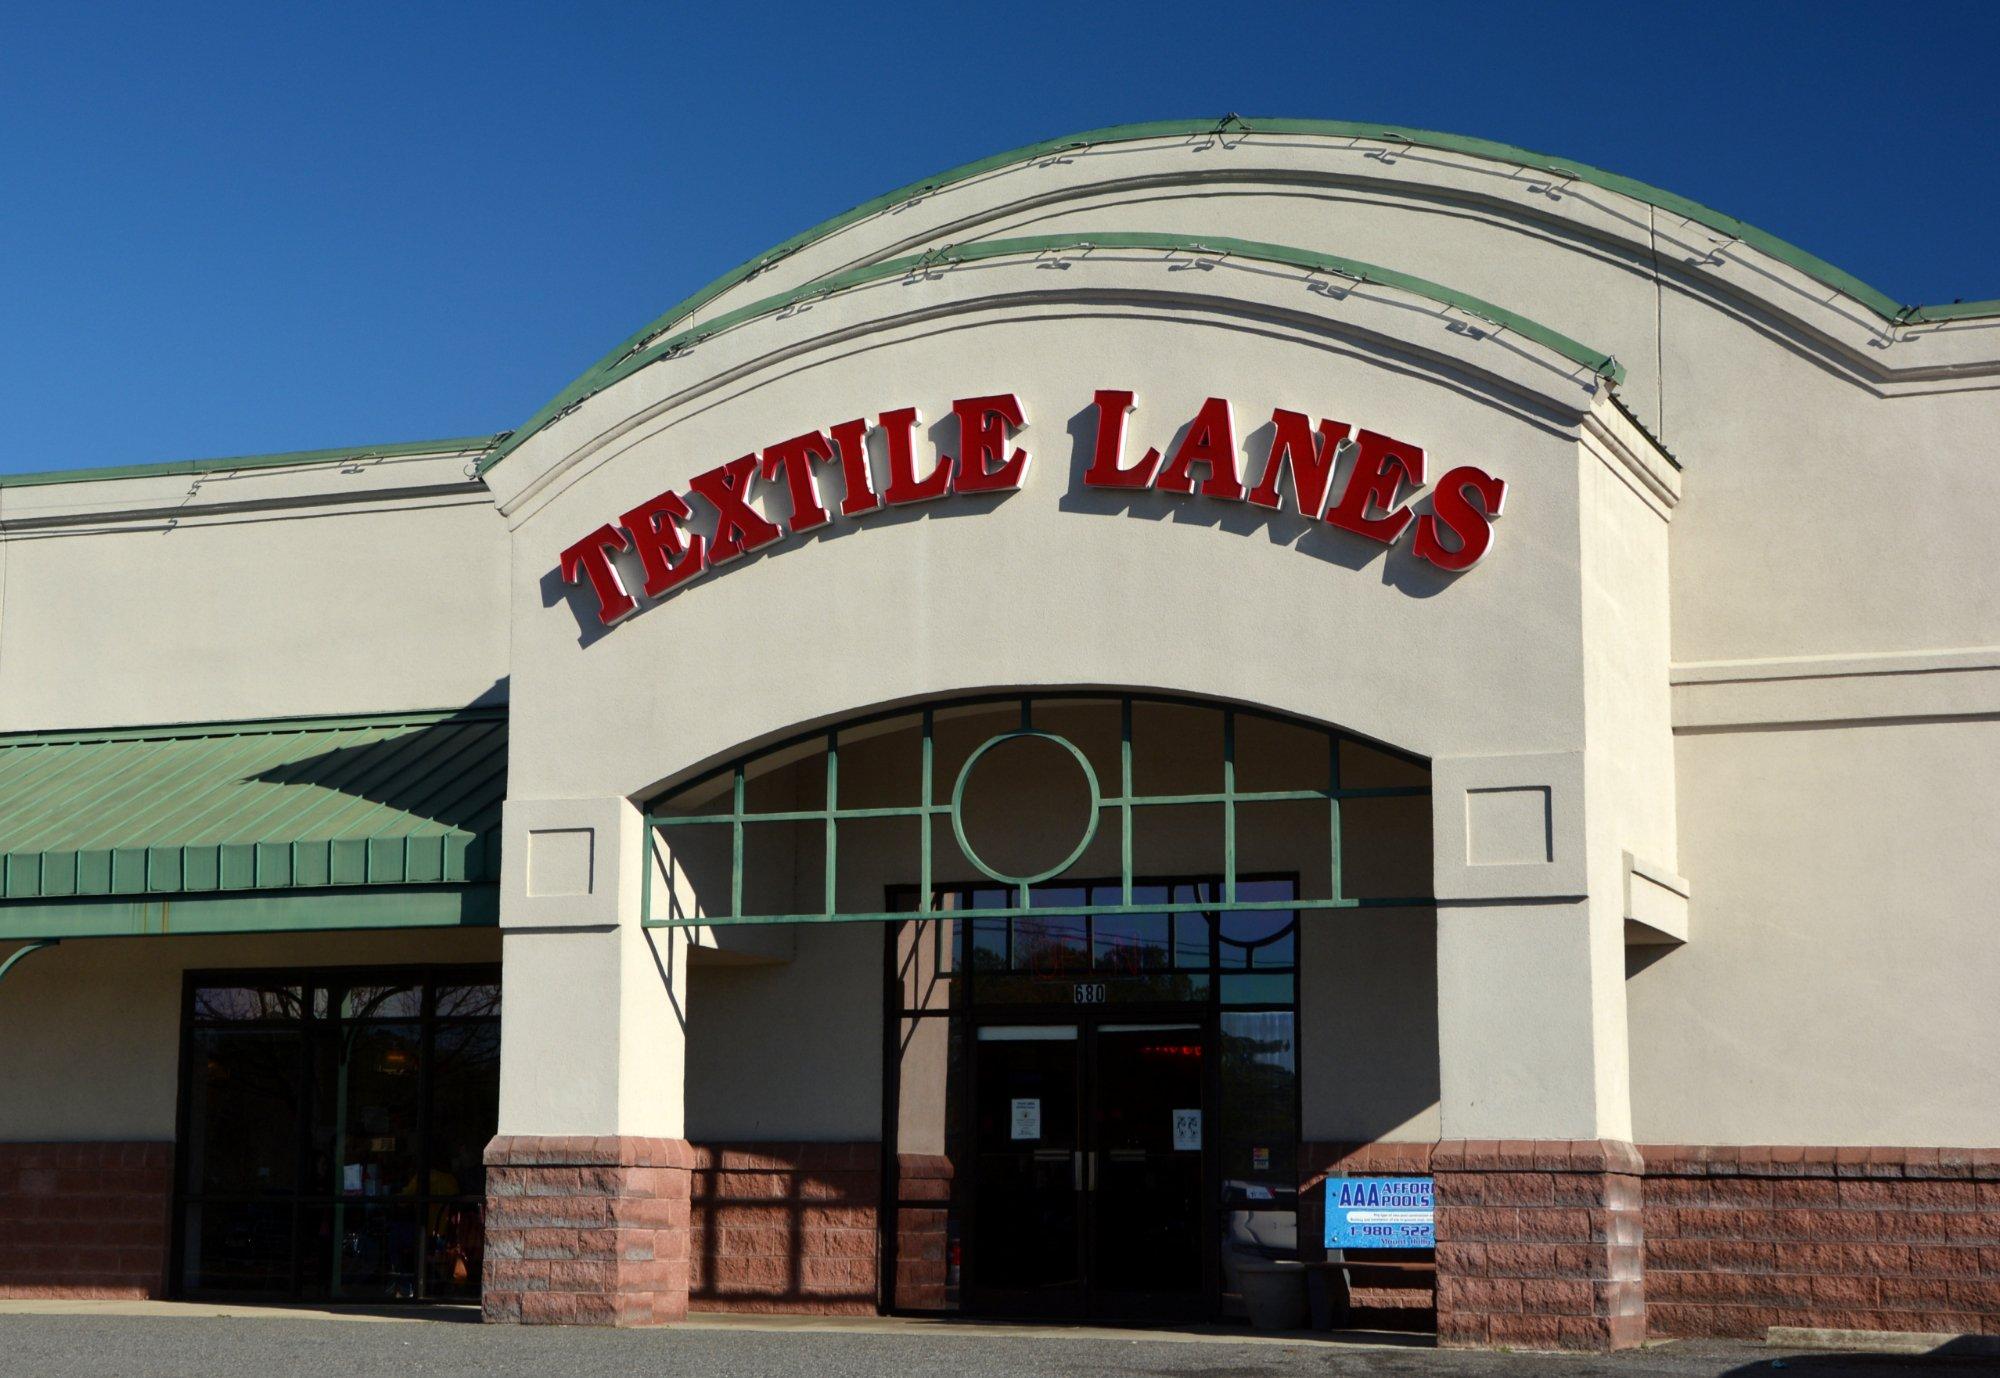 Textile Lanes Inc Bowling In Belmont Textile Lanes Inc